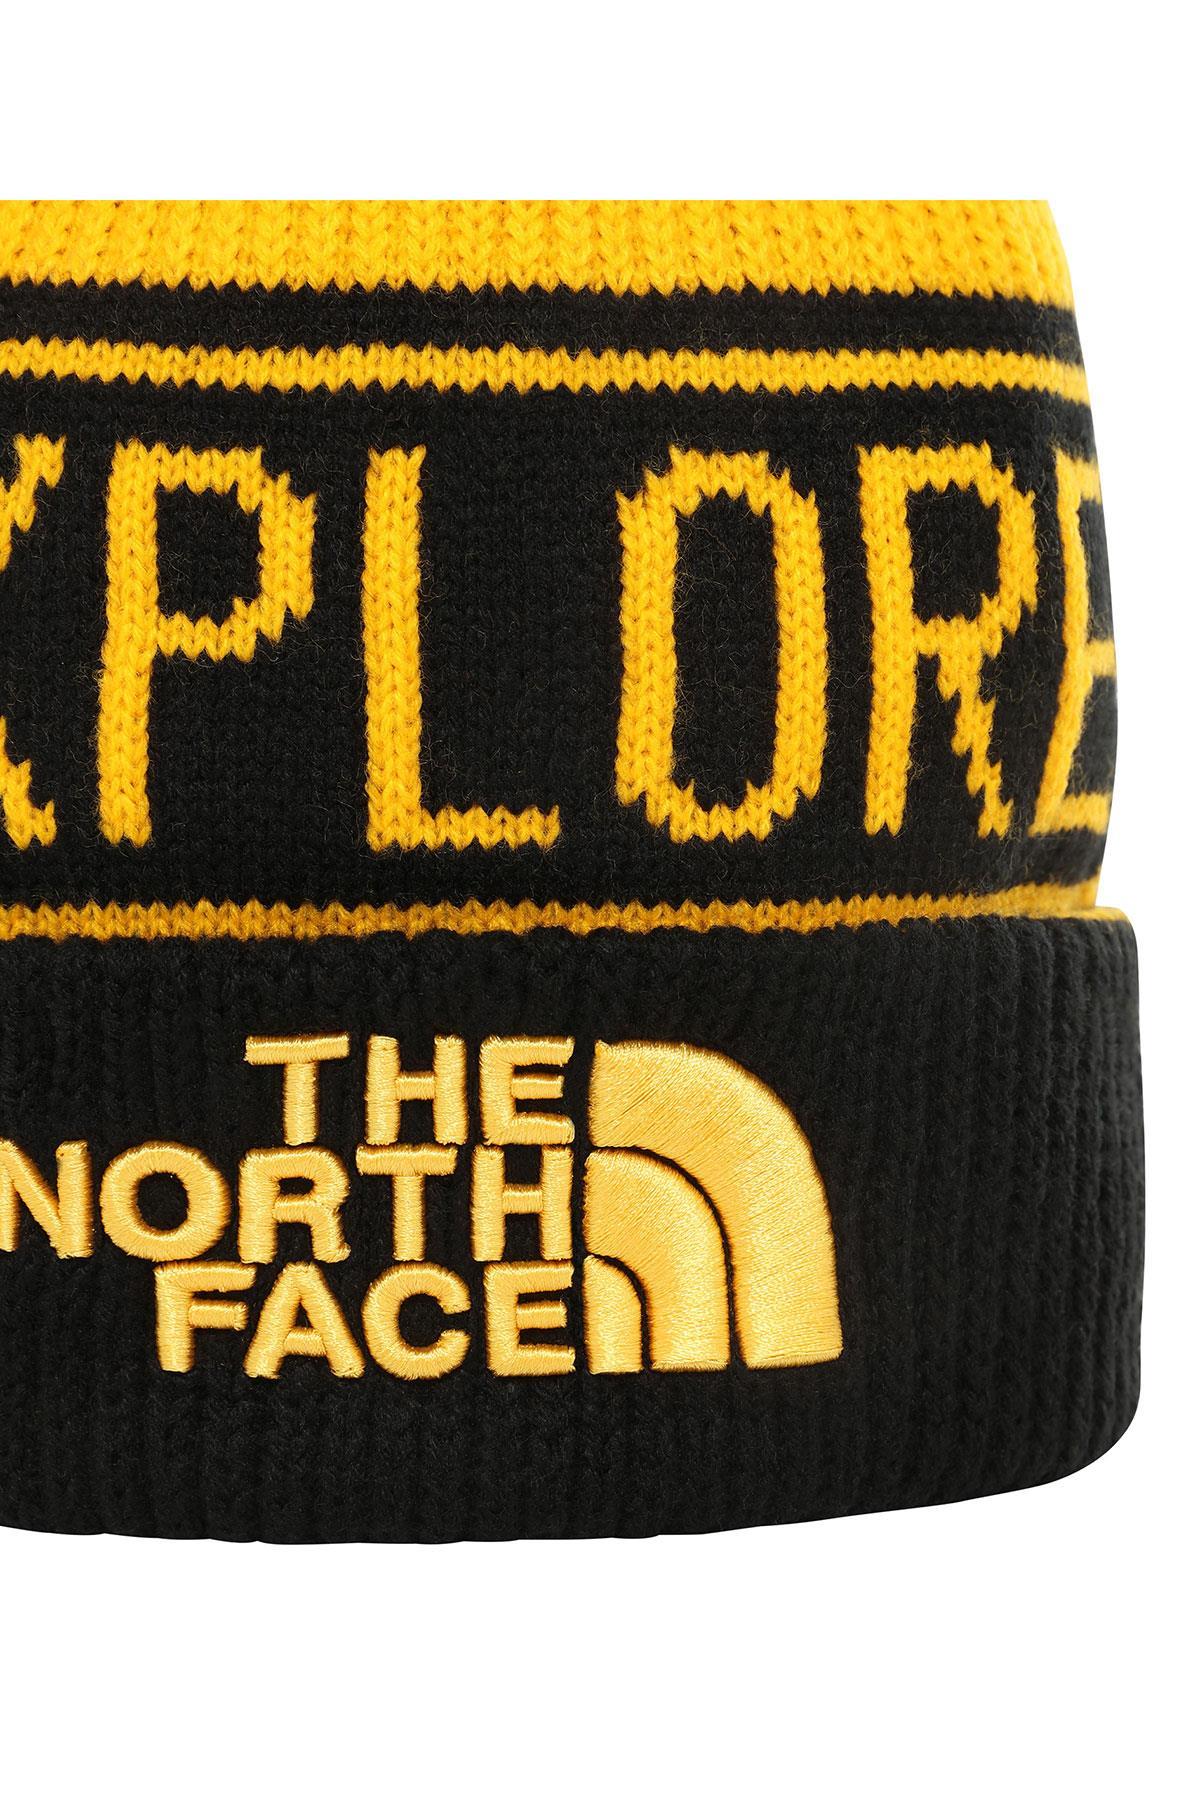 The North Face Retro Tnf Pom Bere Nf0A3Fmplr01